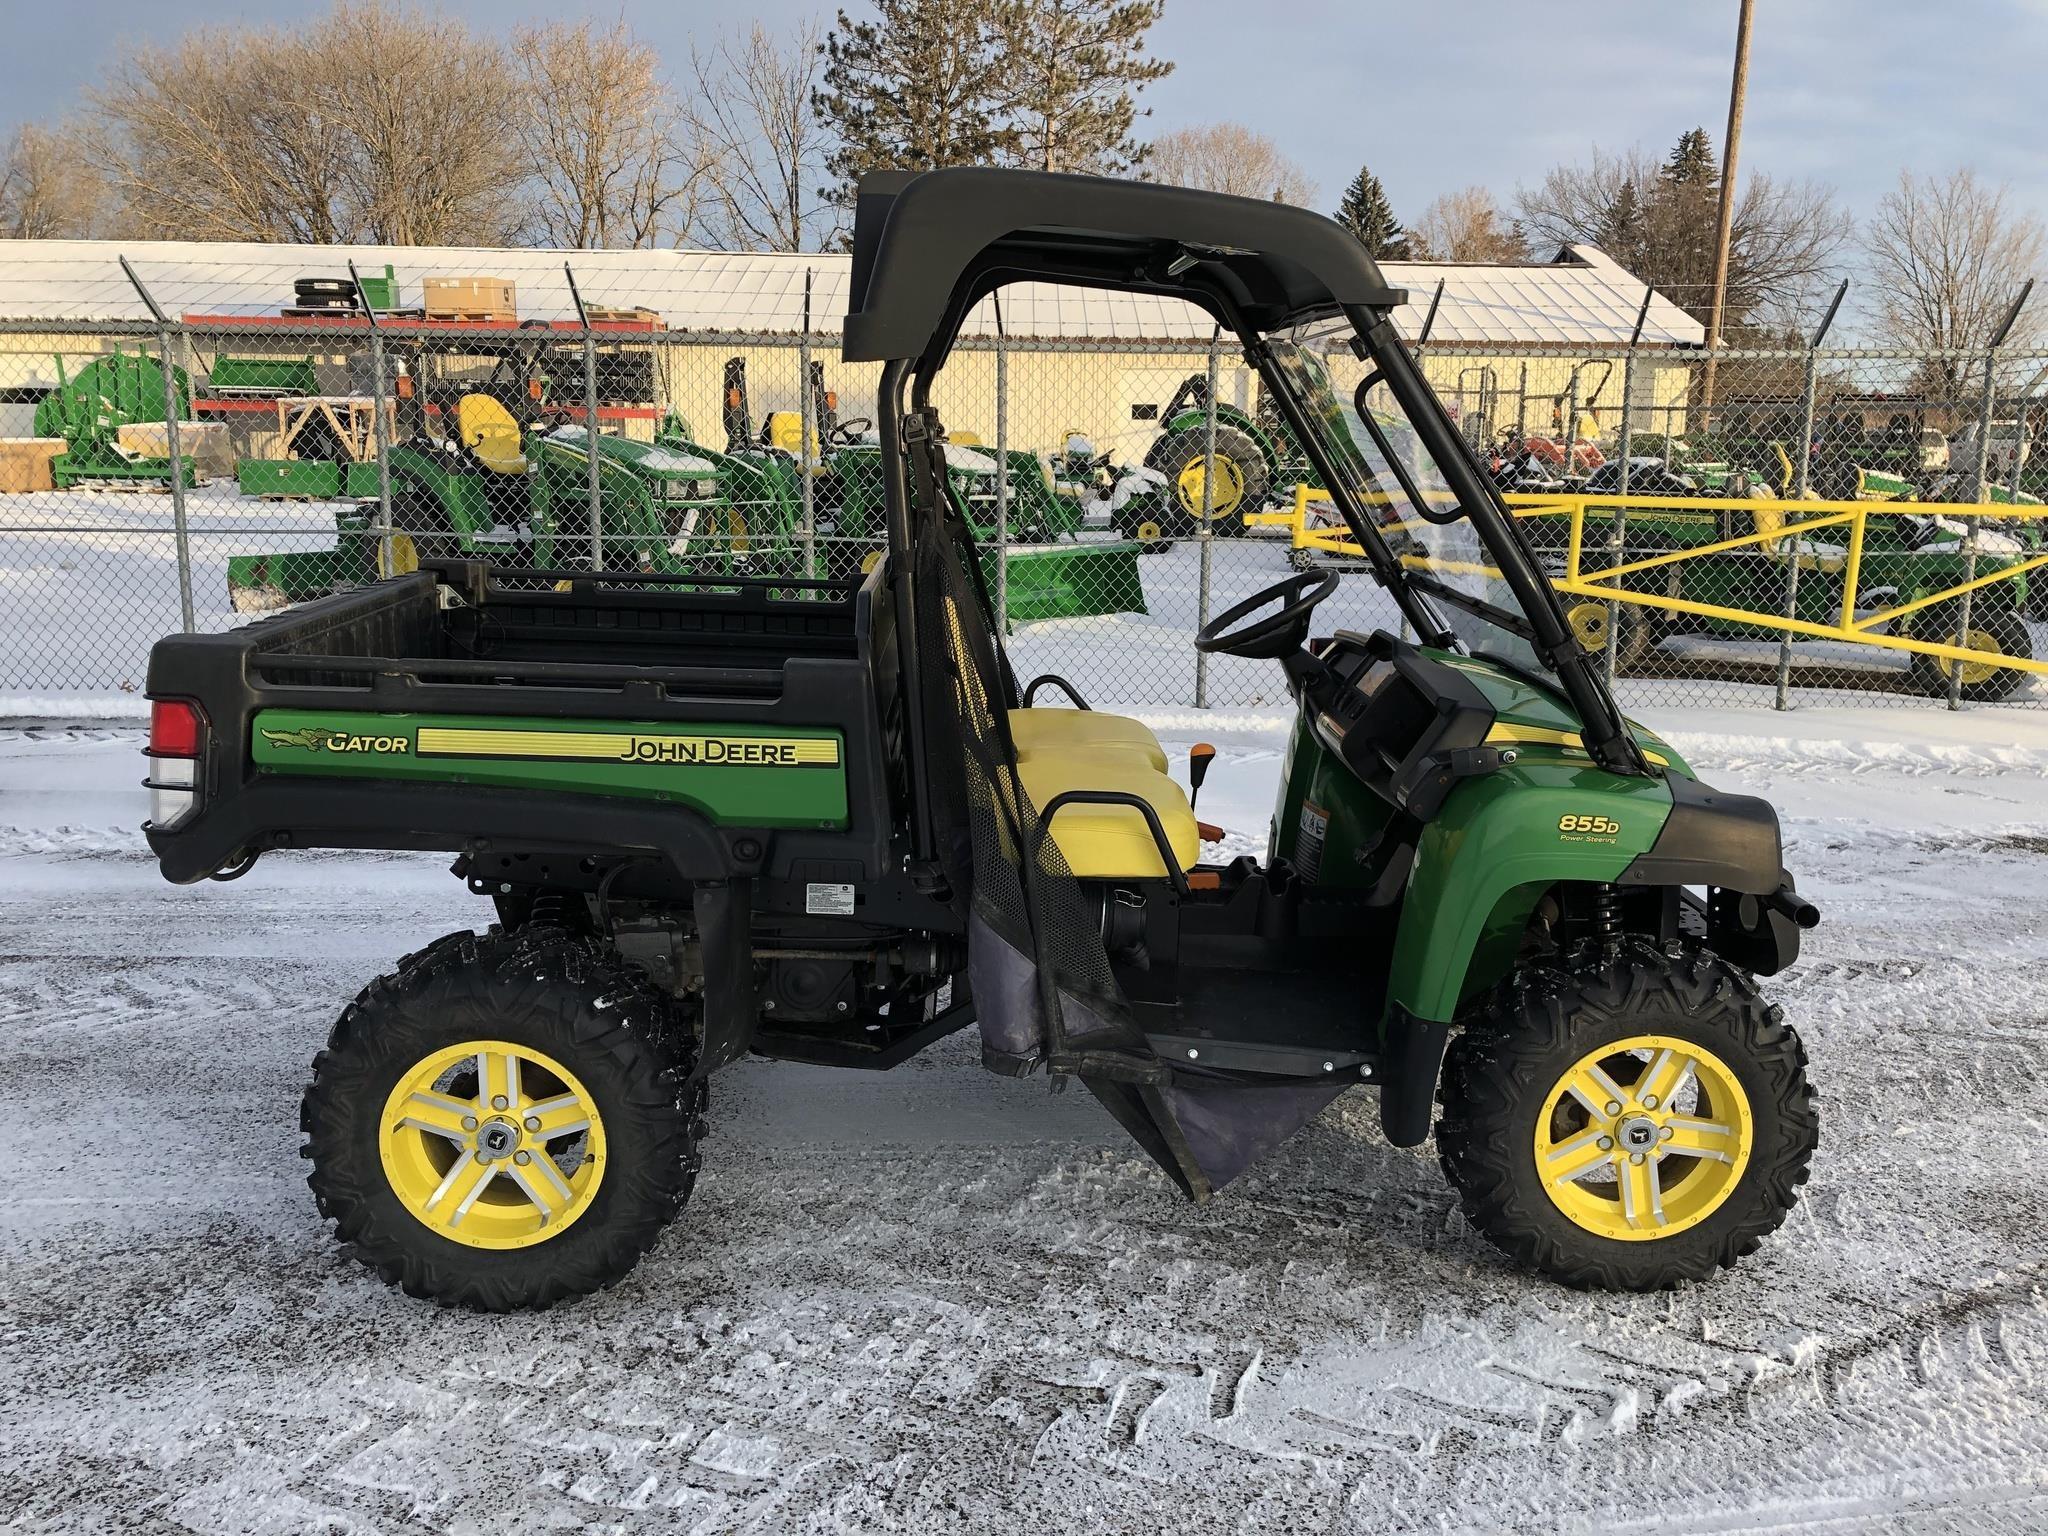 John Deere Gator >> 2017 John Deere Gator Xuv 855d For Sale In Columbus Minnesota